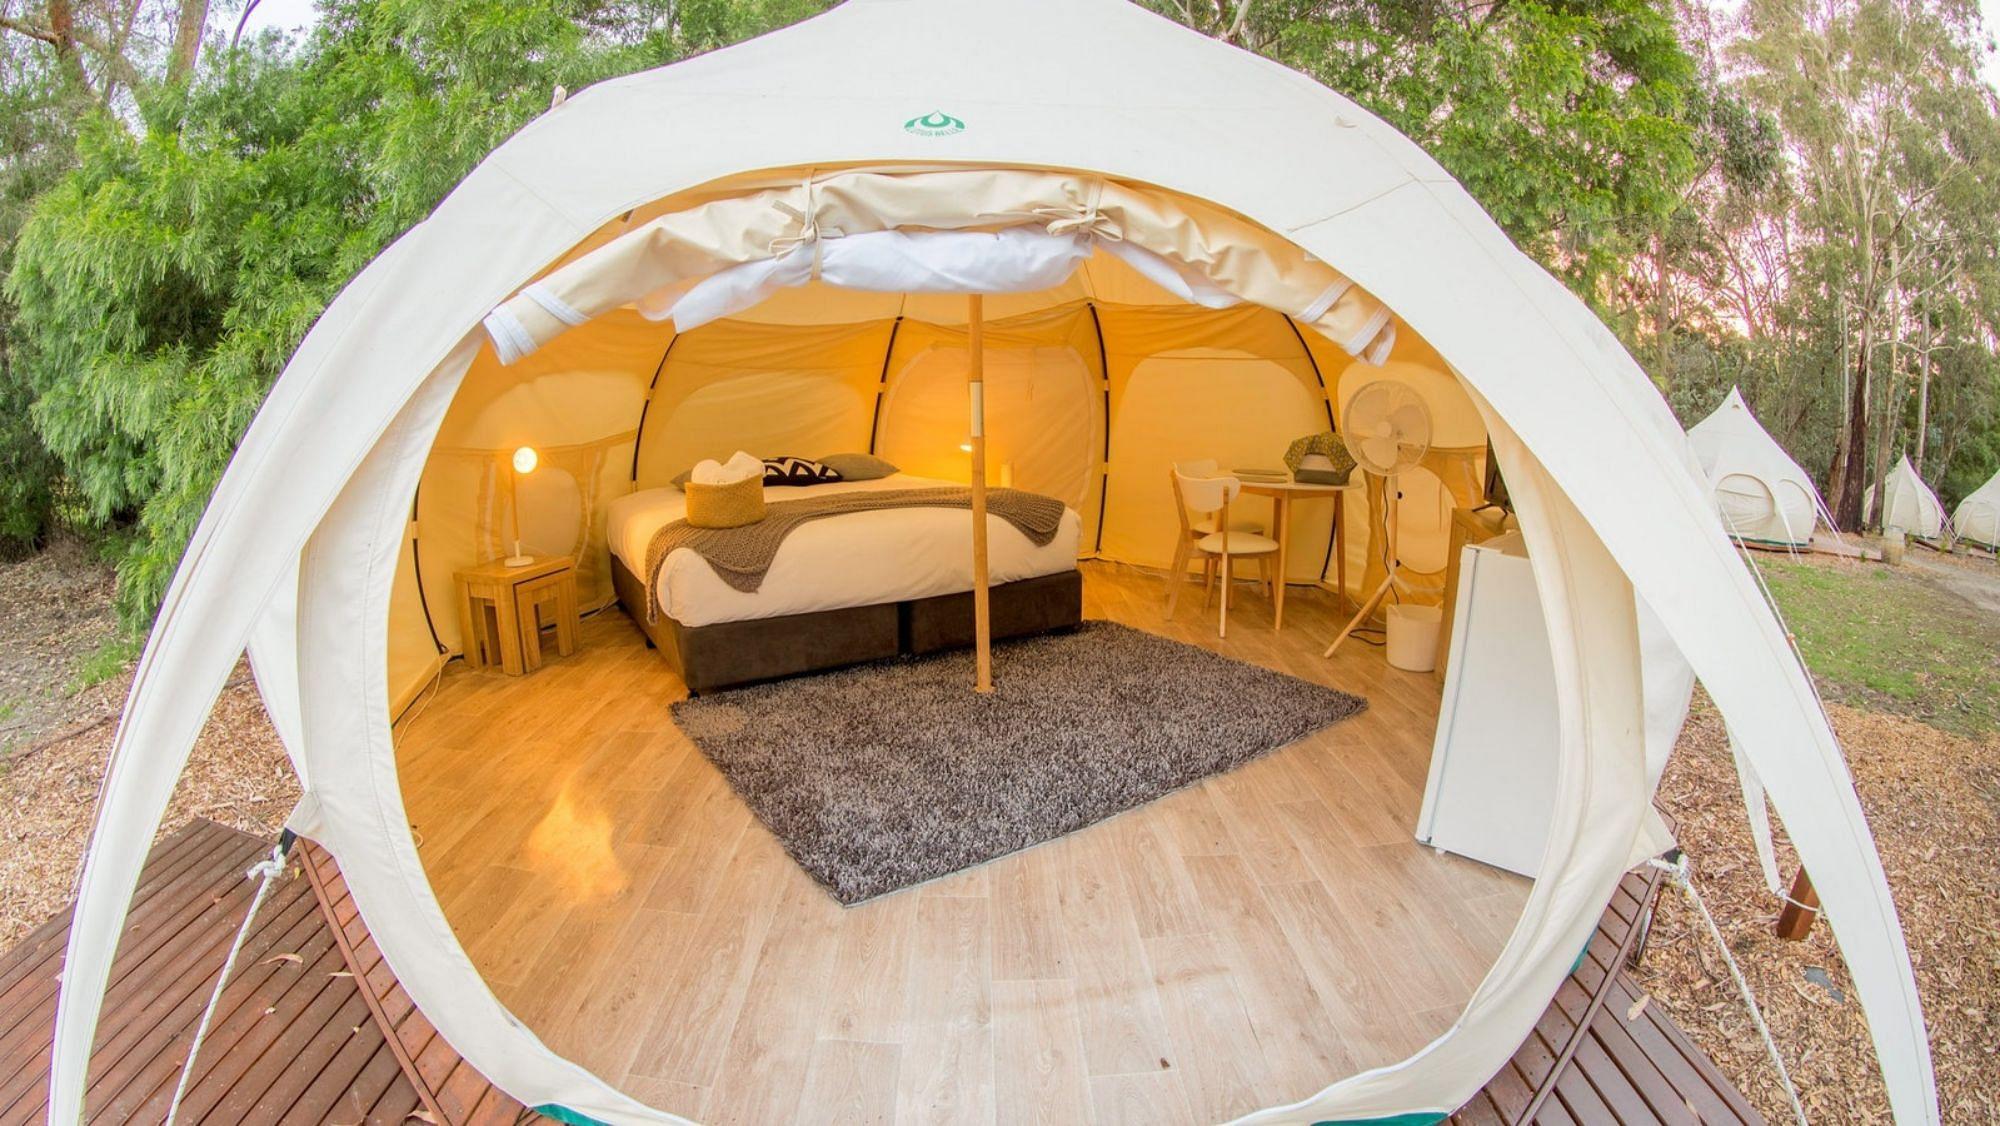 Glamping in Iluka Retreat & Camp, Victoria, Australia